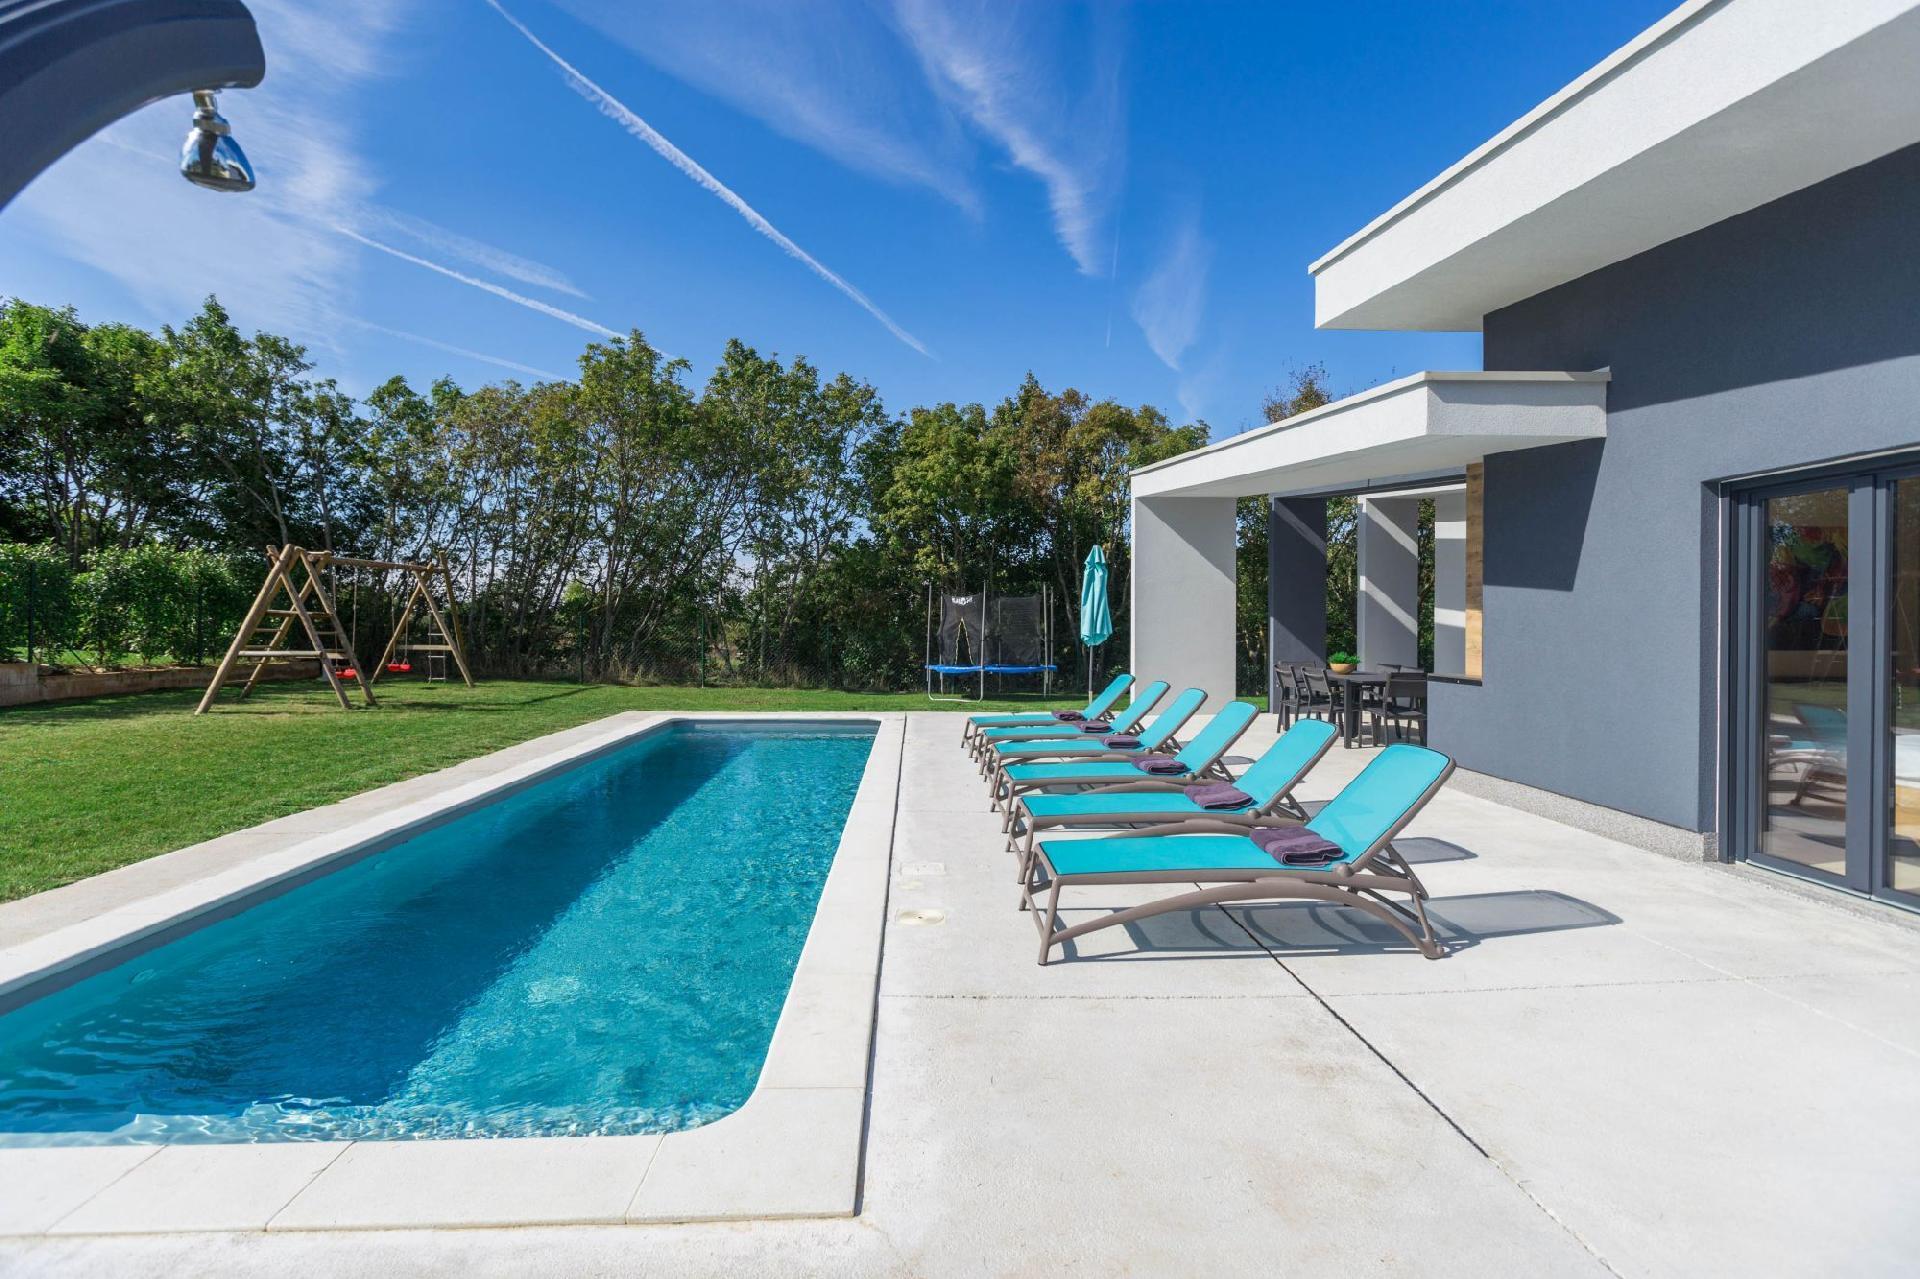 Ferienhaus für 8 Personen ca. 110 m² in   in Kroatien